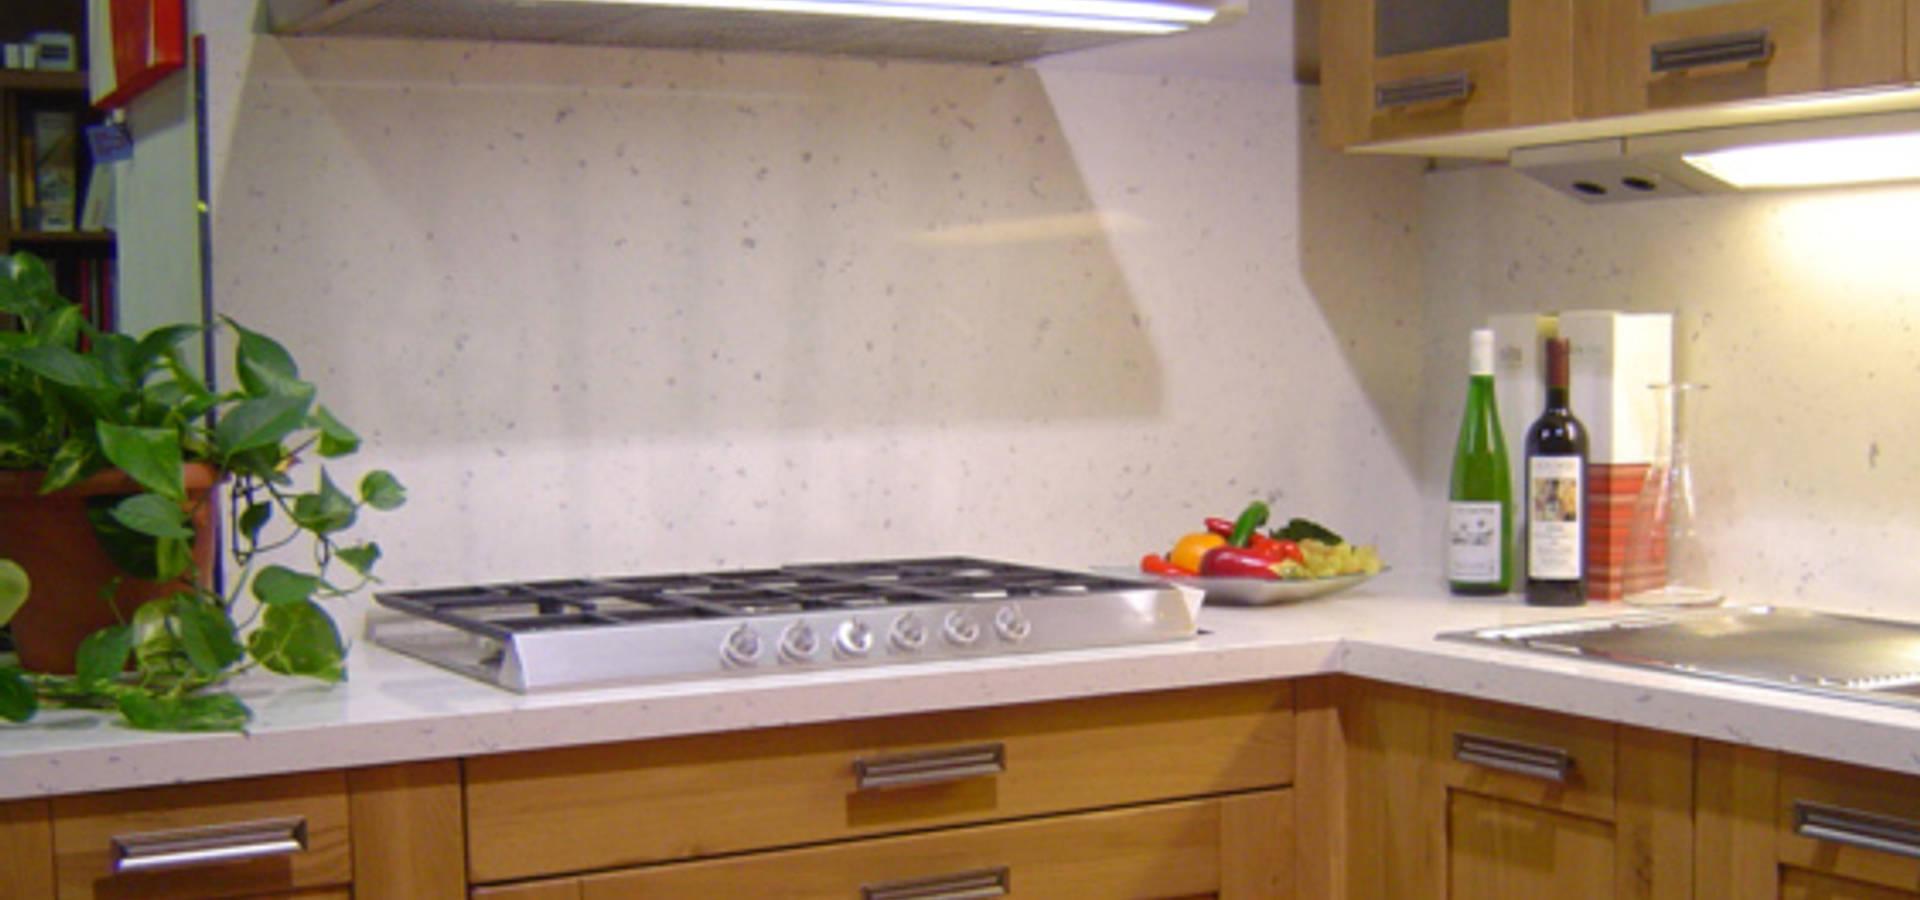 Encimeras de cocina de lujan marmoles homify for Marmoles para cocinas